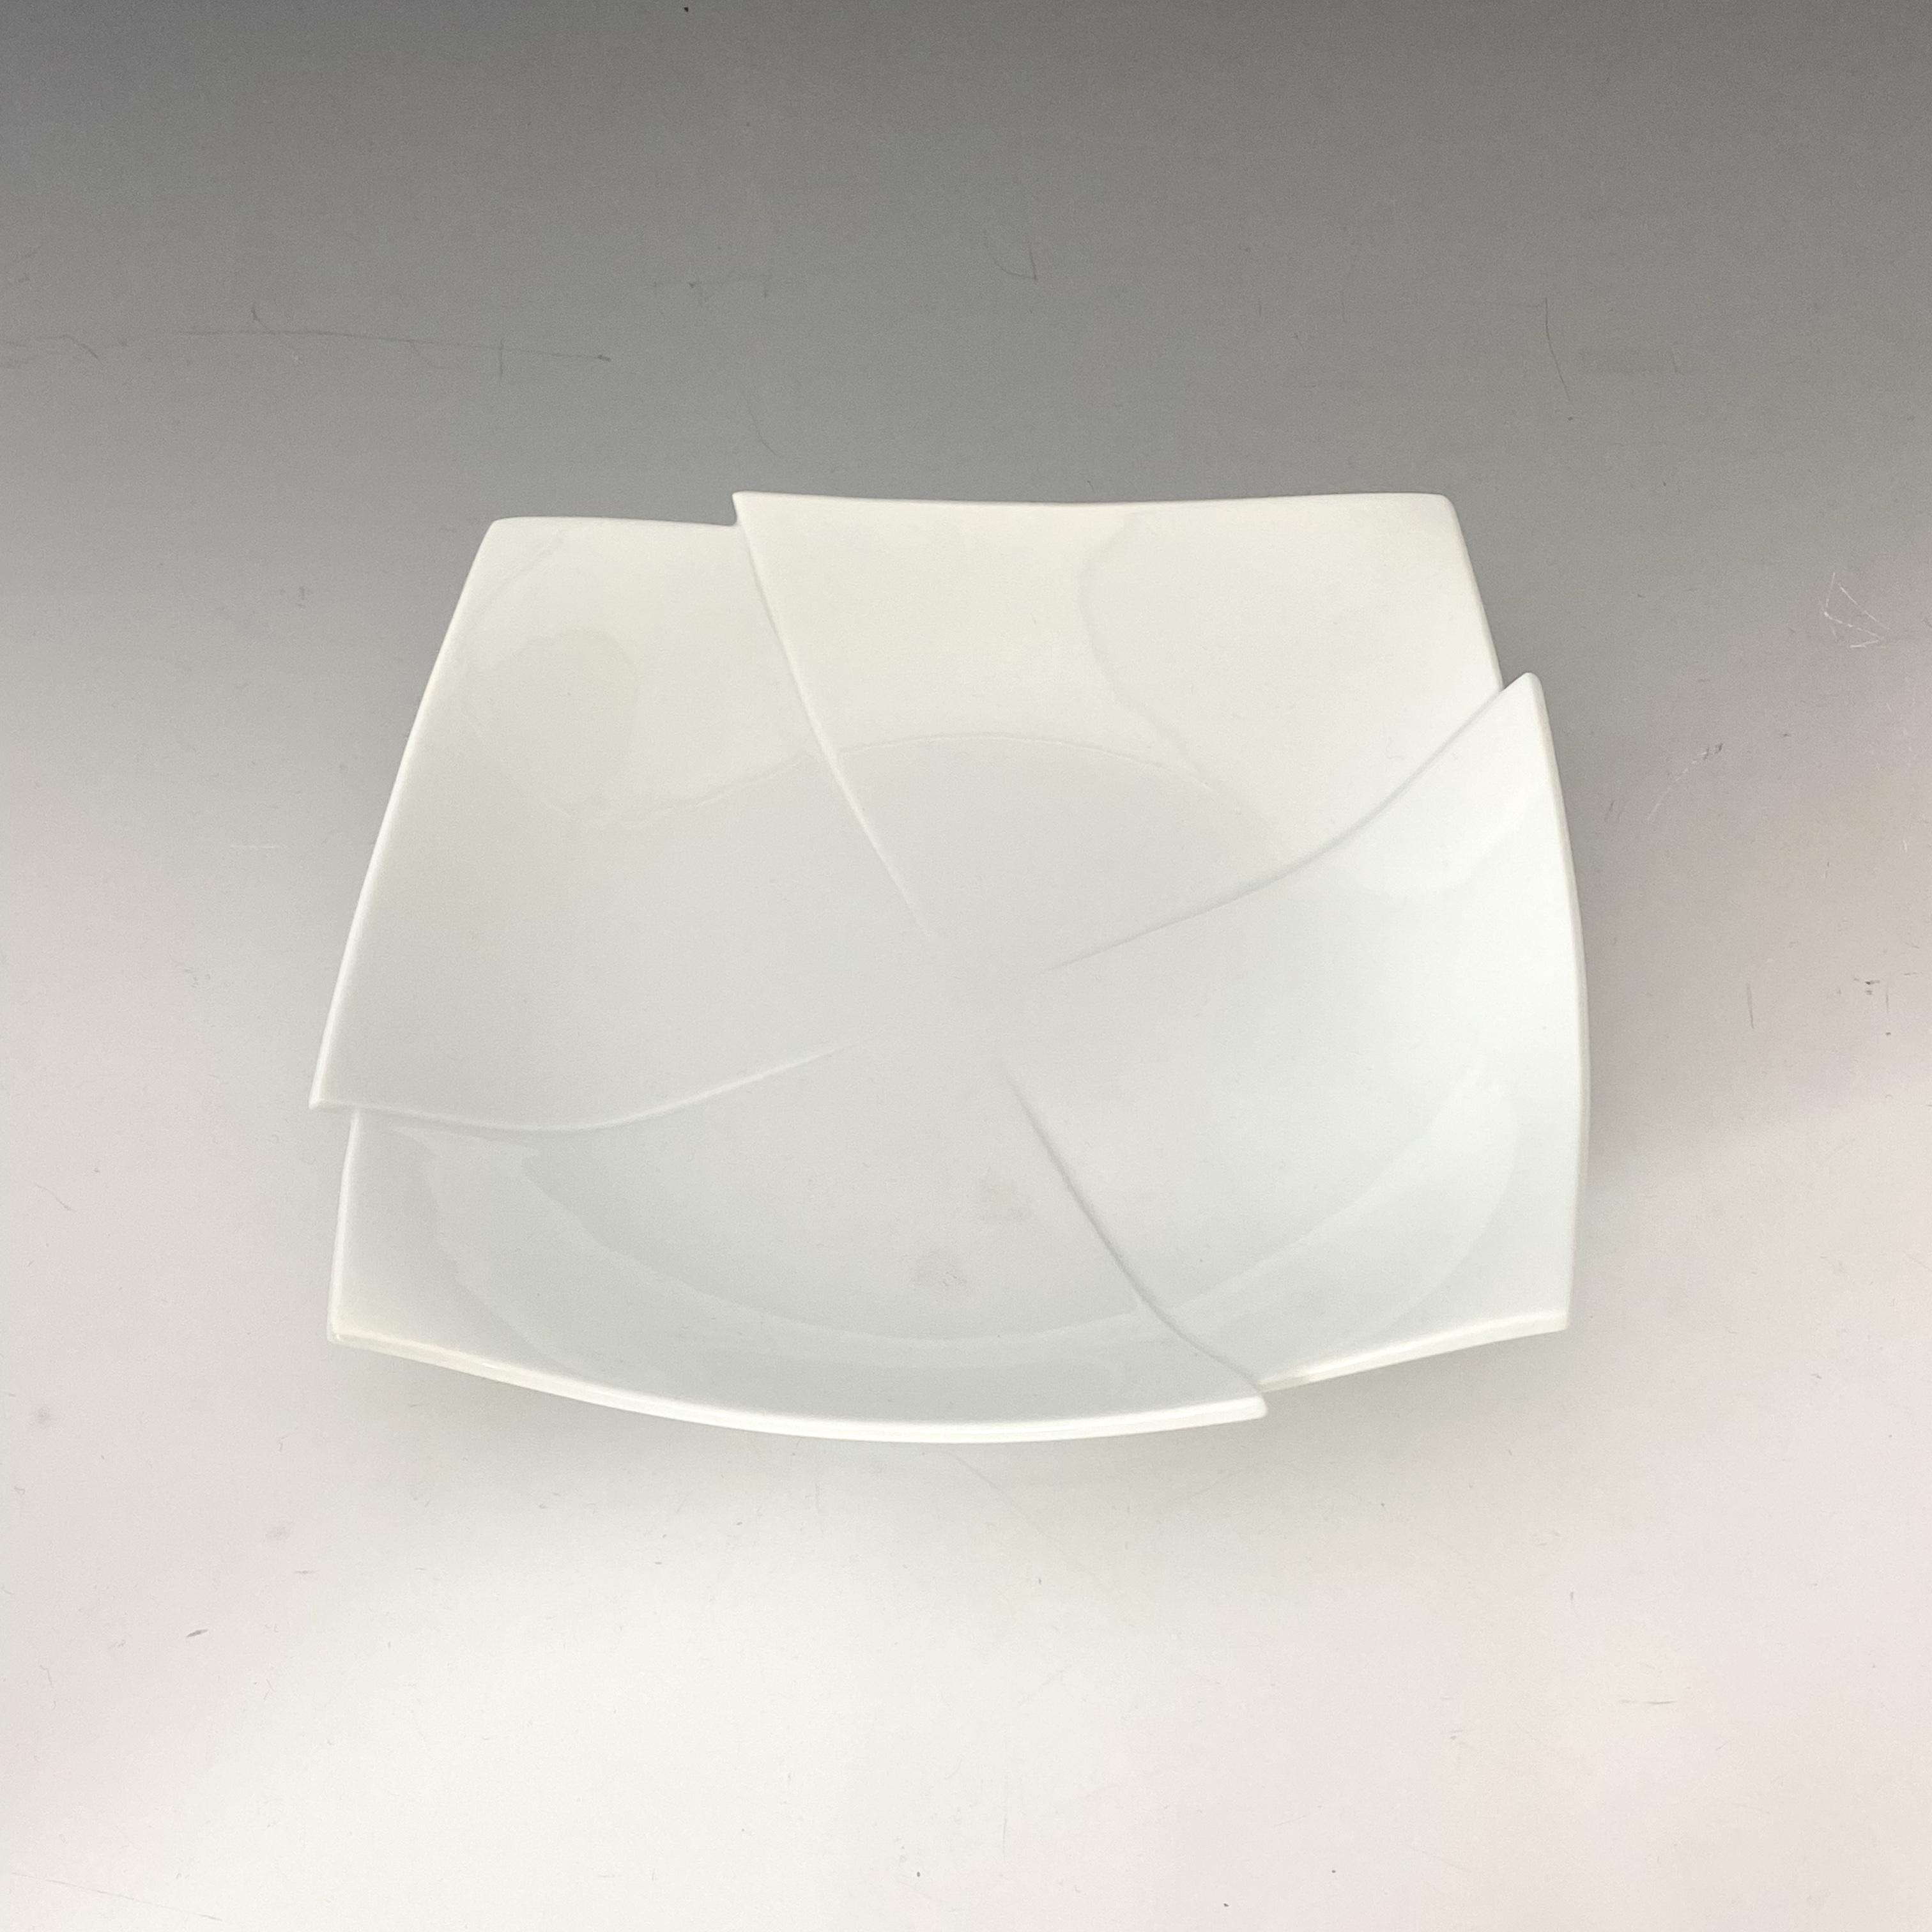 【中尾純】白磁彫角皿(十字)